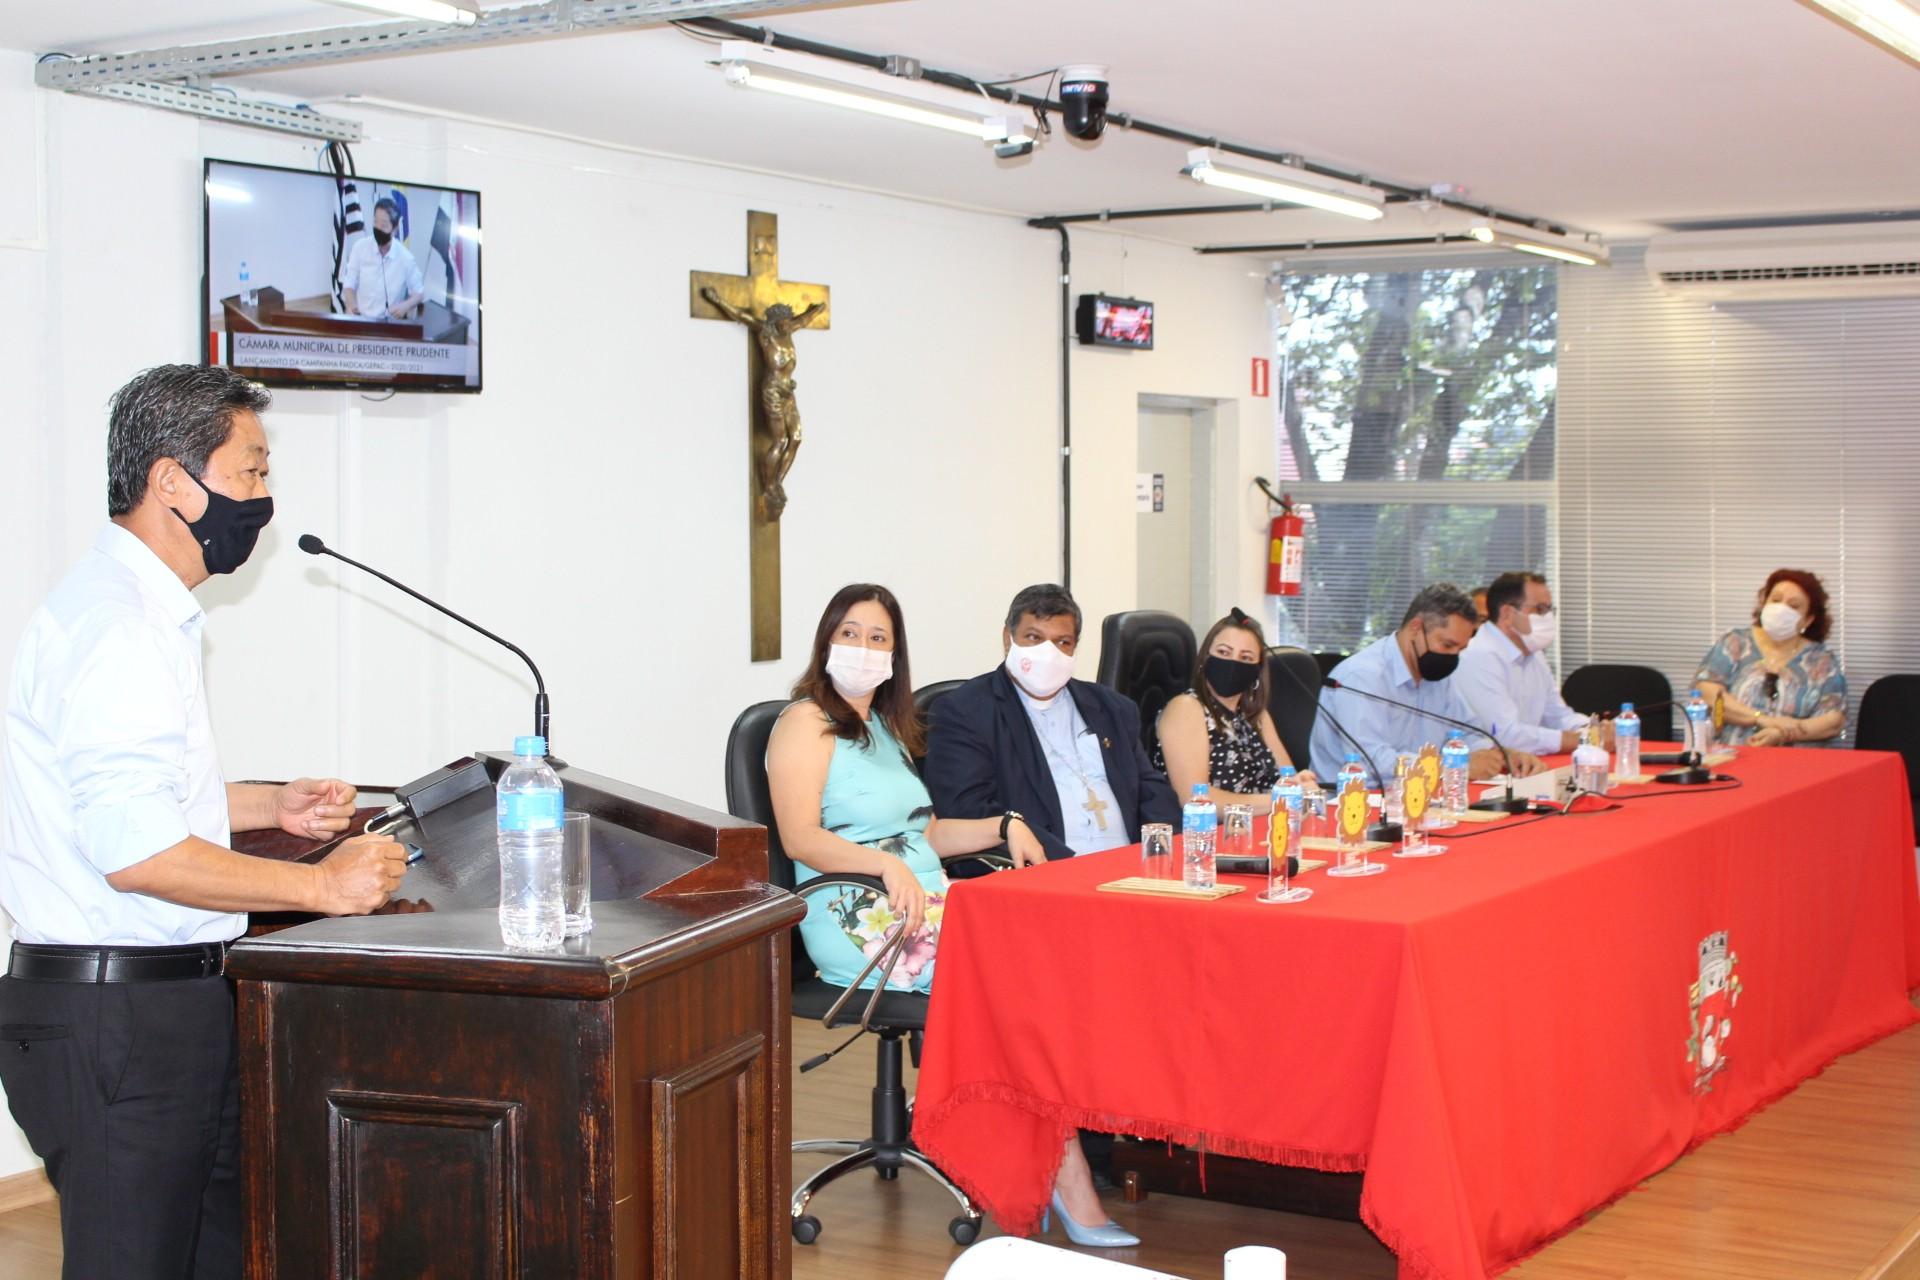 Gepac inicia campanha para conscientizar sobre importância da destinação do IR para projetos sociais em Presidente Prudente